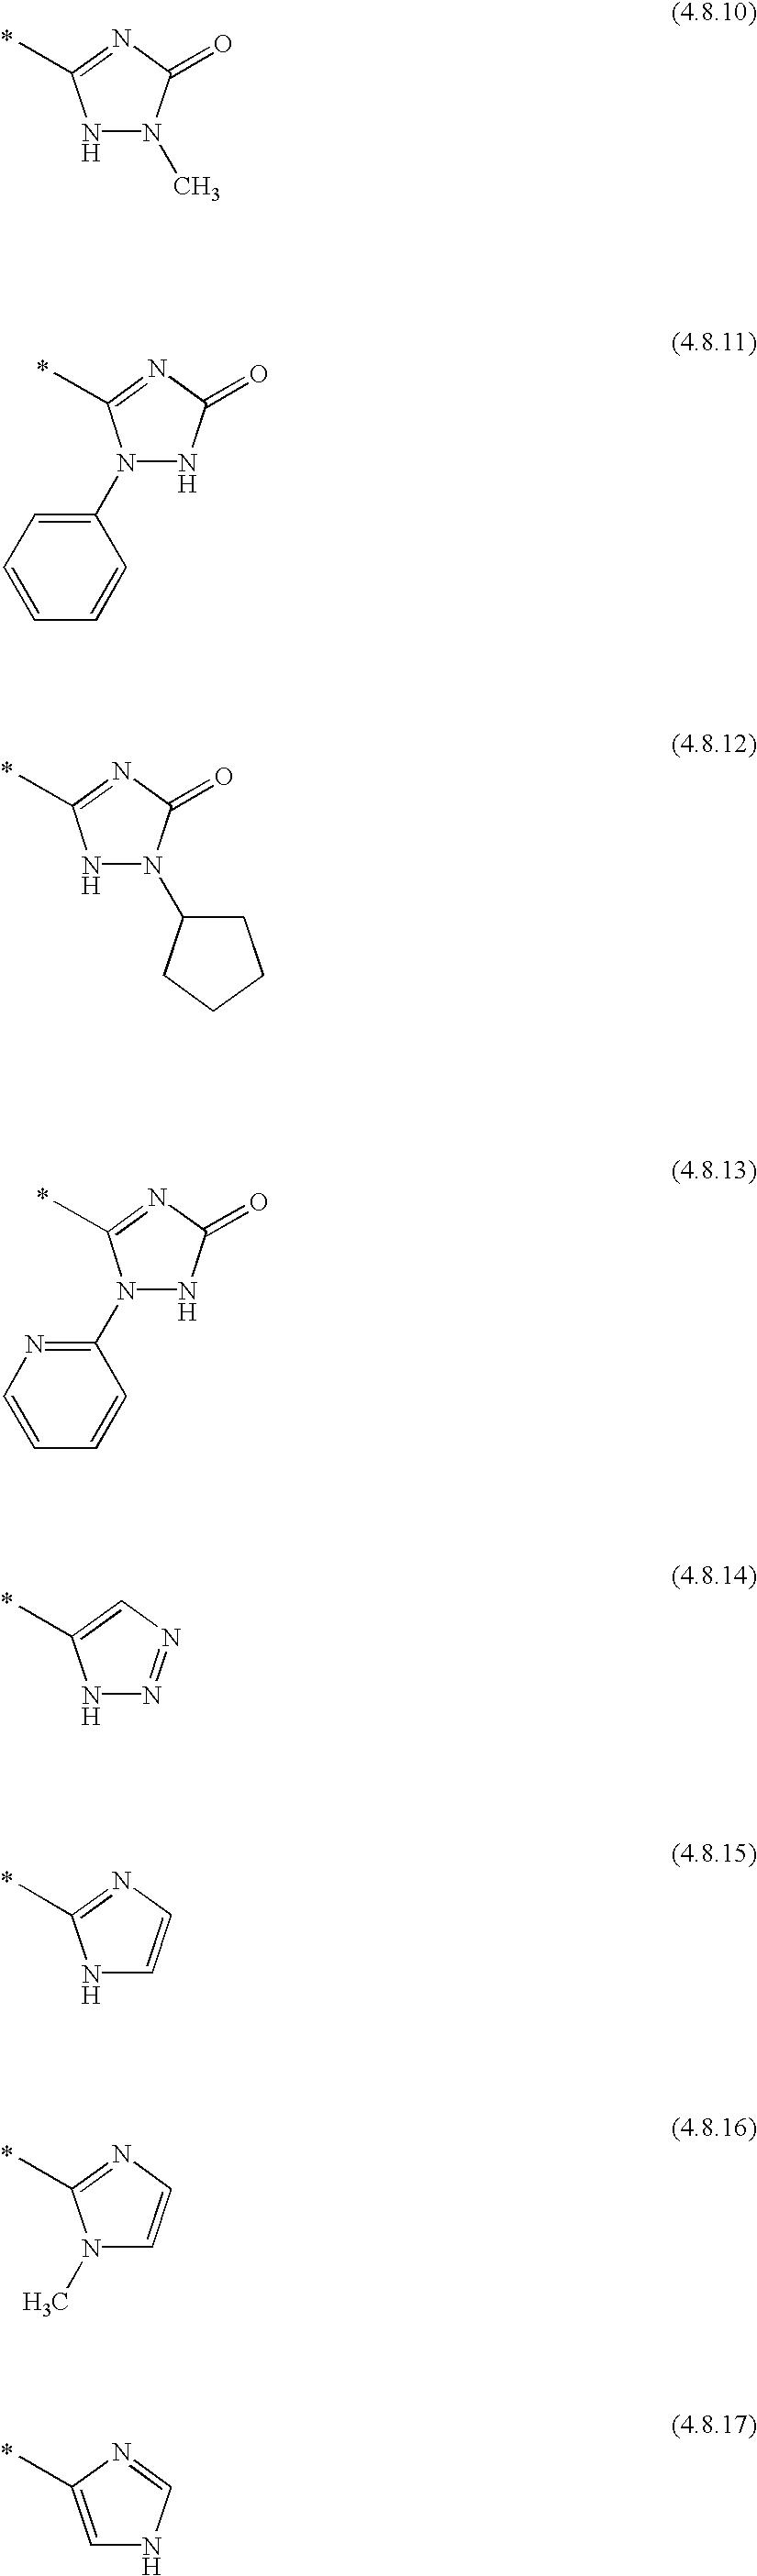 Figure US20030186974A1-20031002-C00158